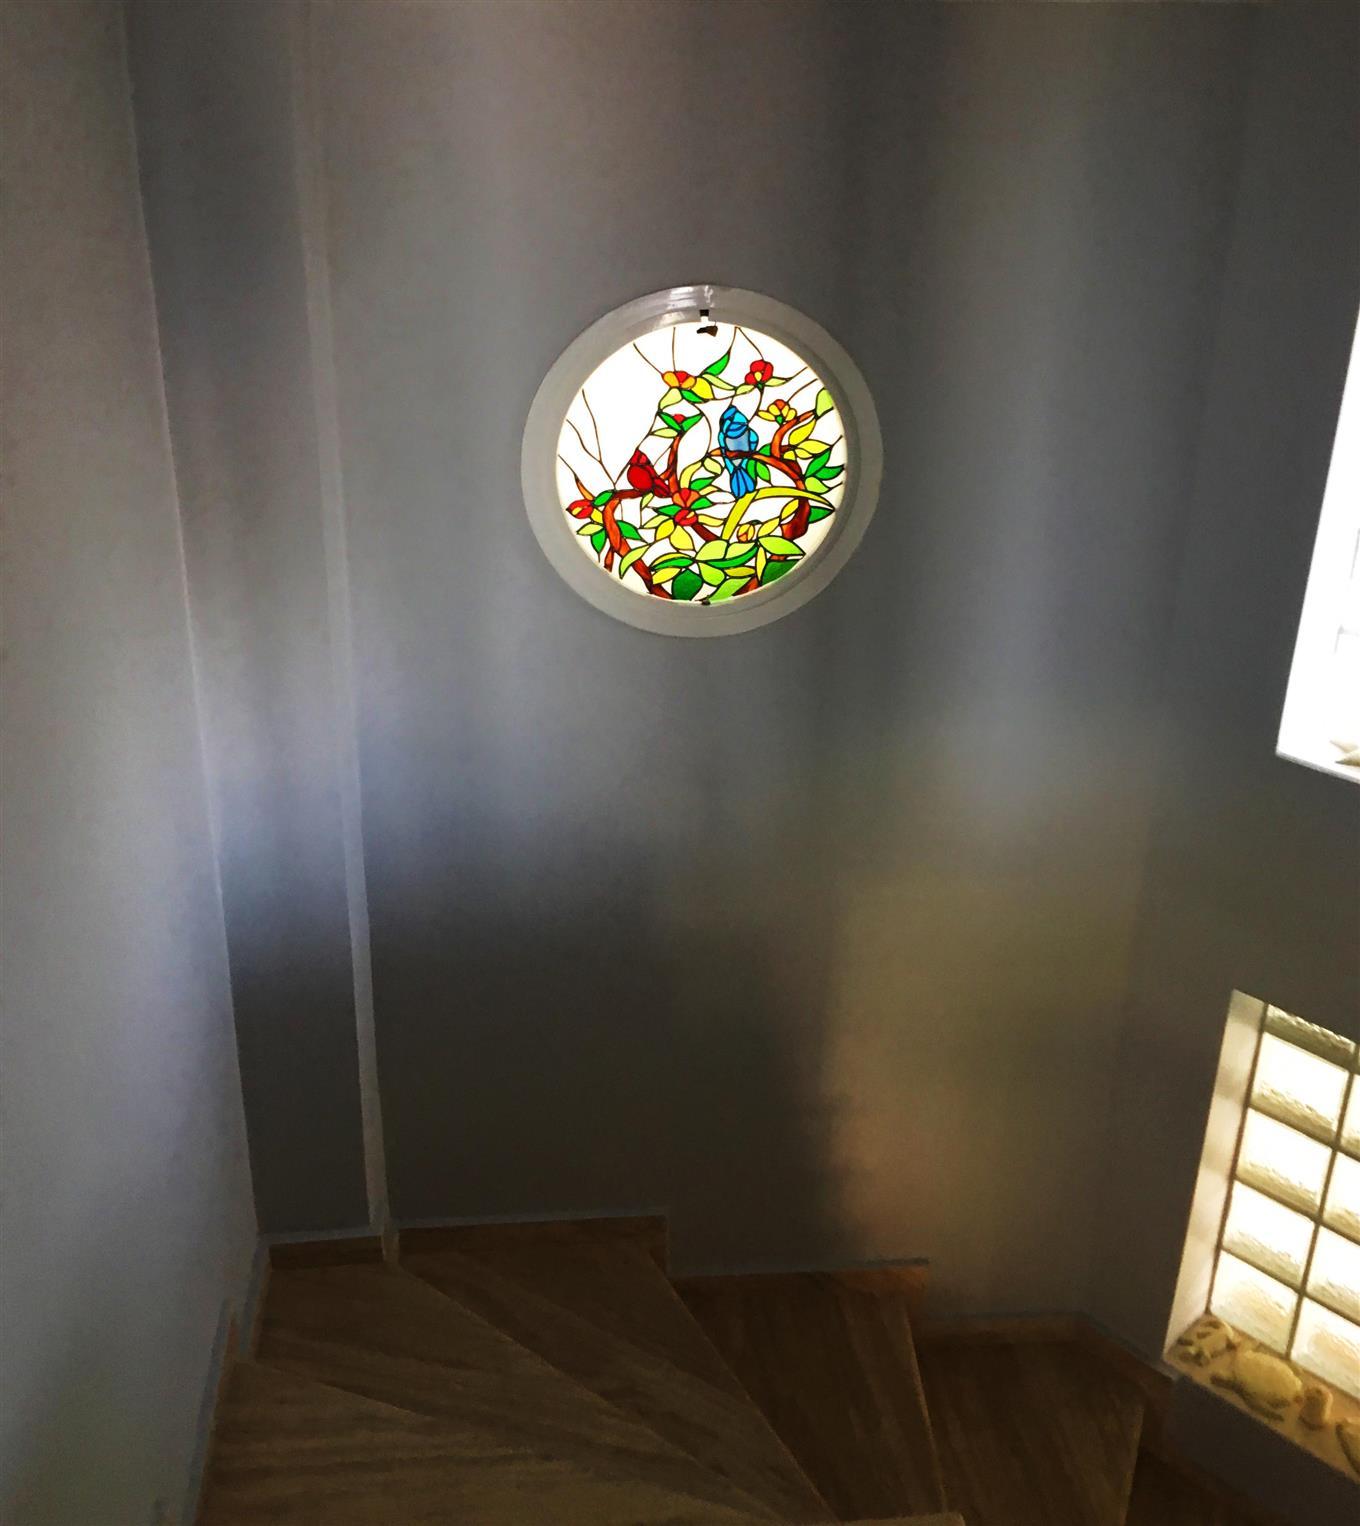 yuvarlak-pencere-vitraylari-urla2017122119407895.jpg izmir vitray çalışması